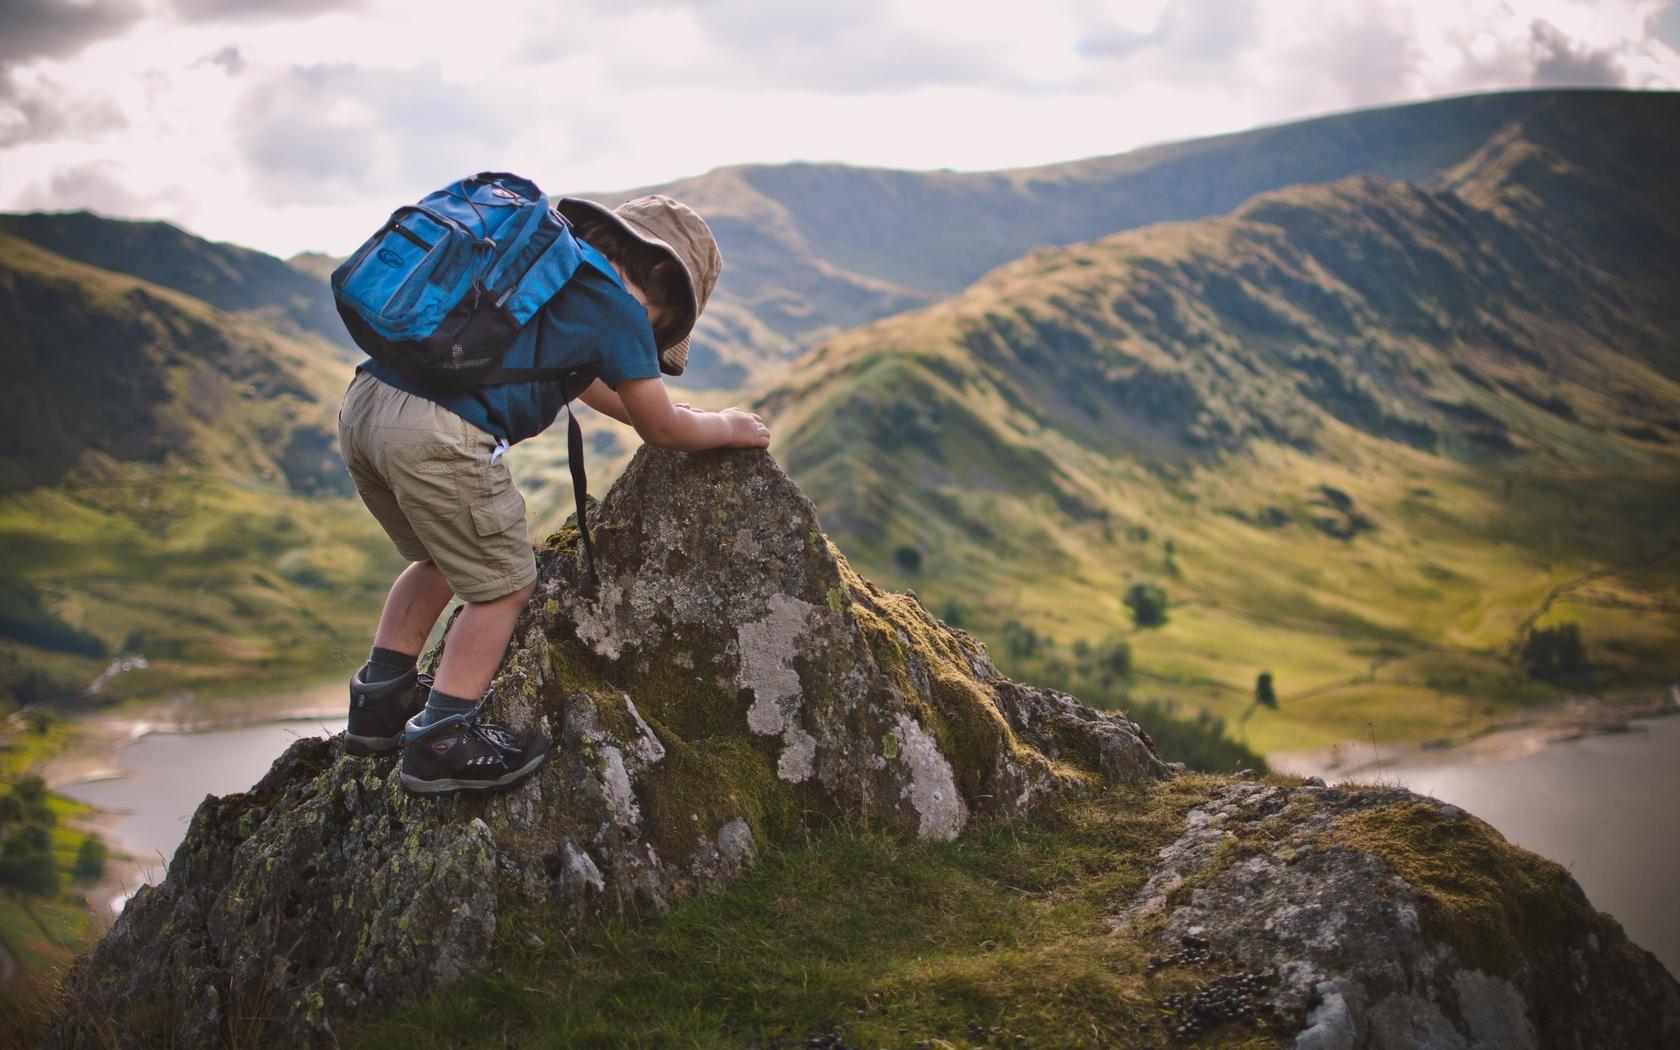 Главная Термобелье как правильно фотографировать в горах нескольких стирок